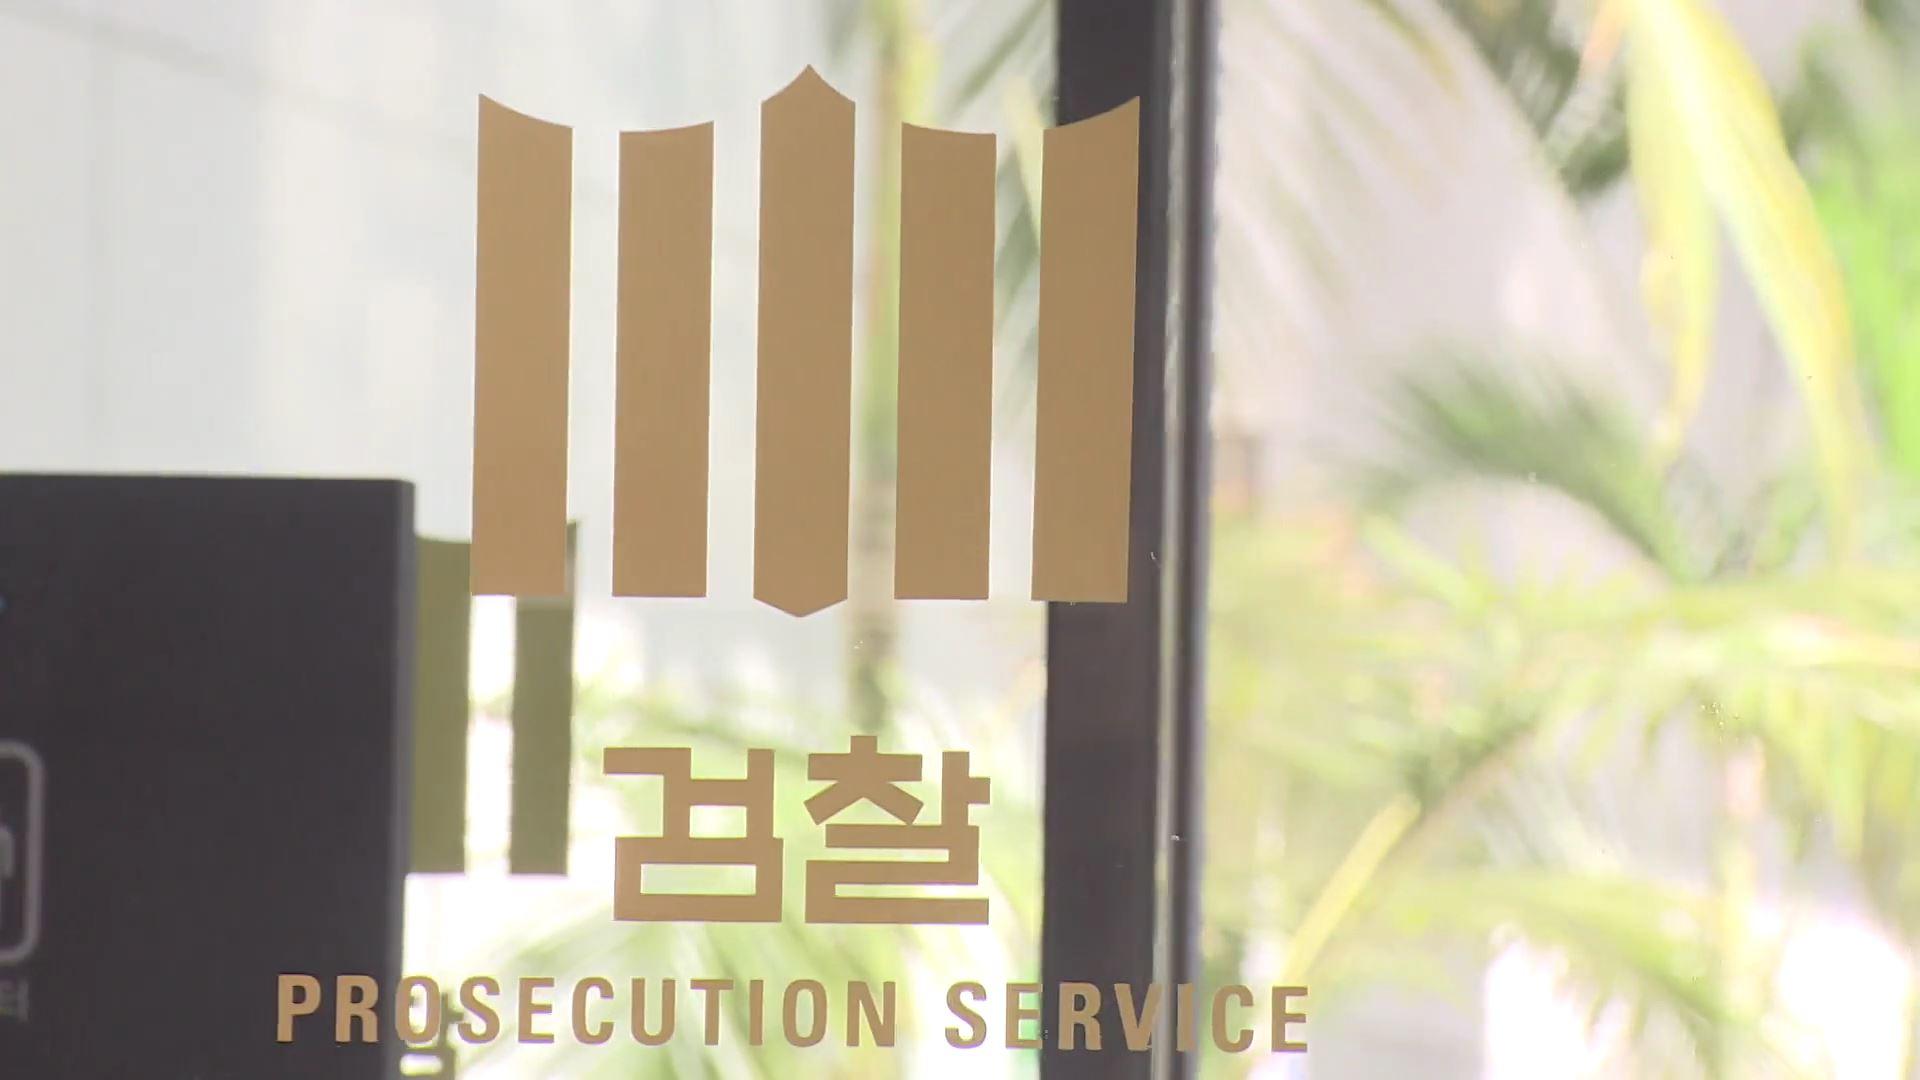 與, '검찰 직접수사권 박탈' 추진…공수처로 檢 2중압박